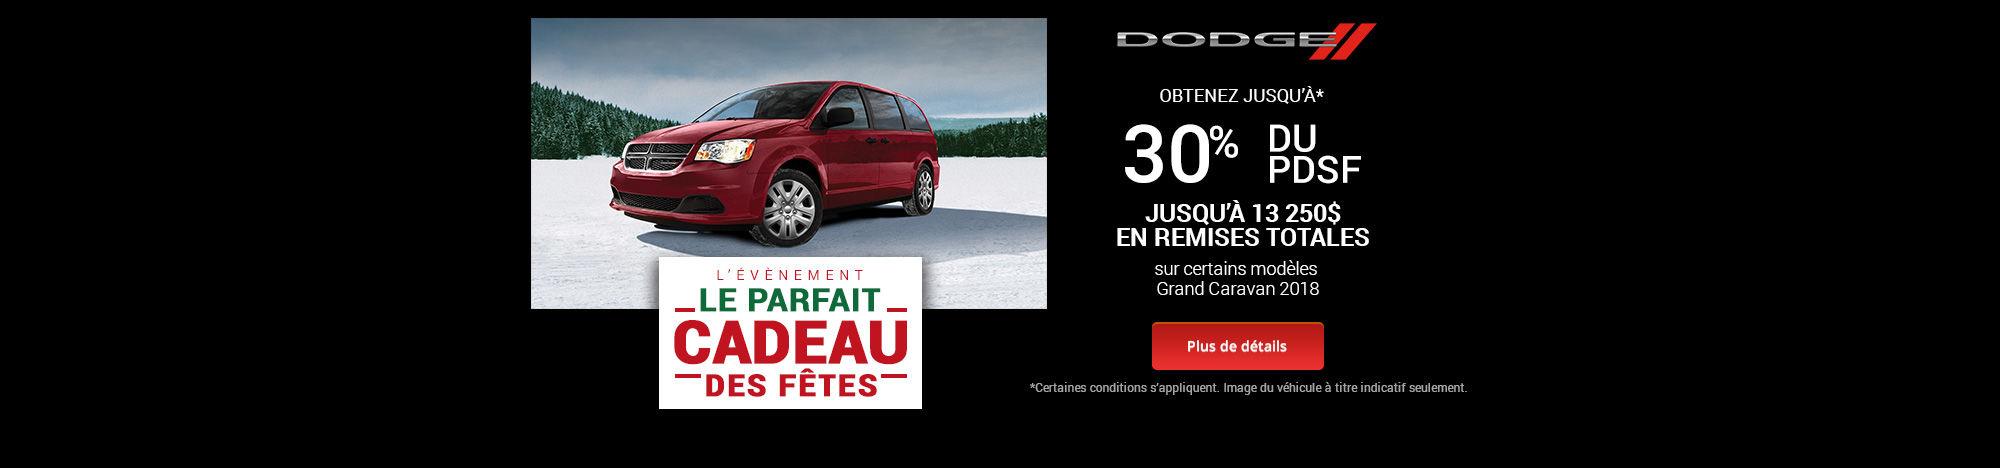 Parfait cadeau event - Dodge